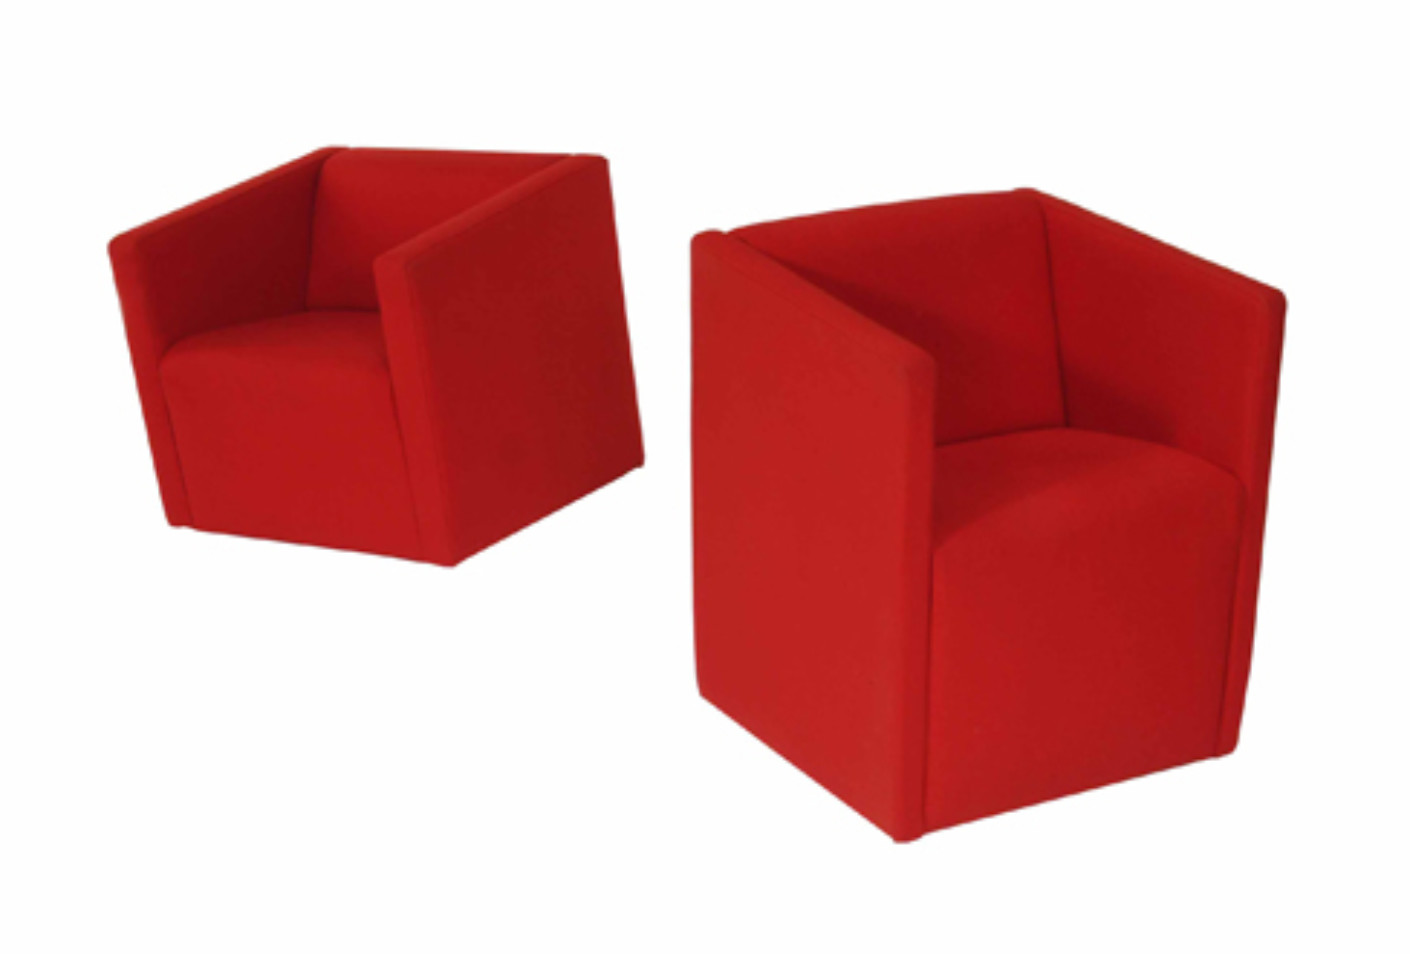 Narrow Armchair Narrow Armchair Narrow Armchairs Foter Upholstered Chair Legs